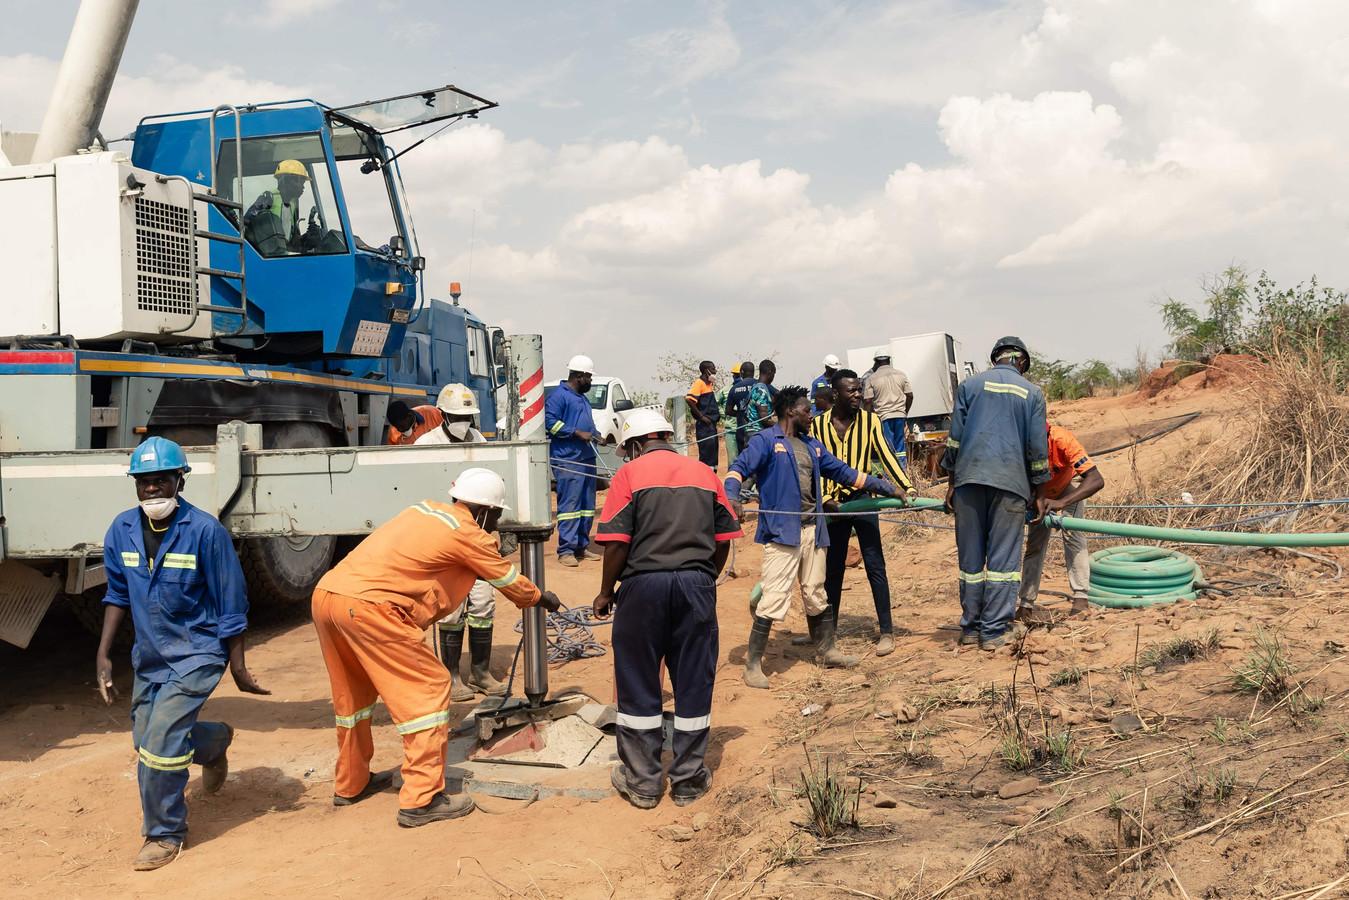 Reddingswerkers proberen het water uit de mijn te pompen zodat ze bij de mijnwerkers kunnen komen.